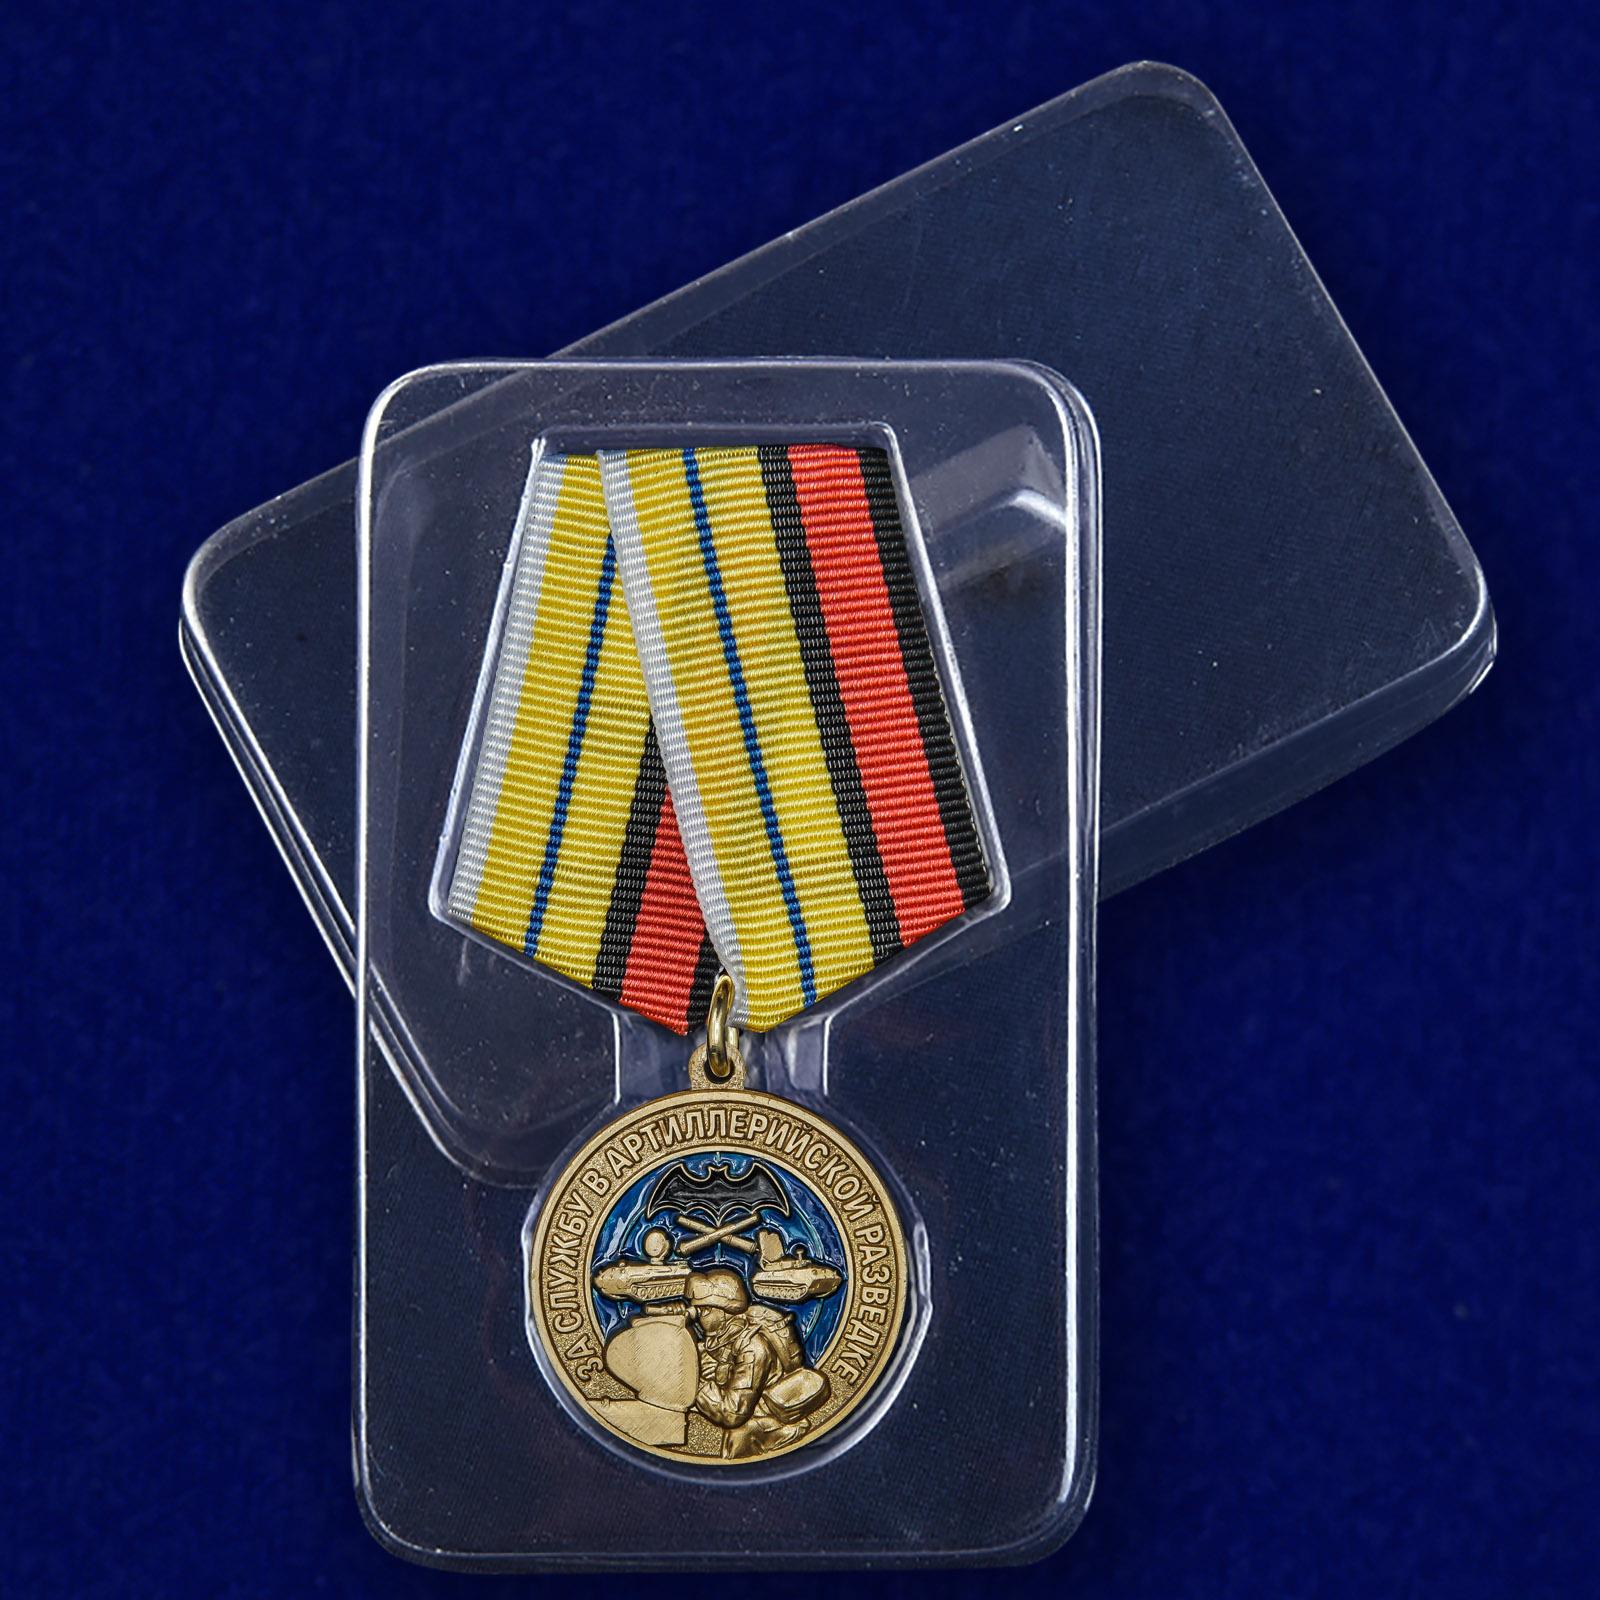 """Памятная медаль """"За службу в артиллерийской разведке"""" в футляре"""